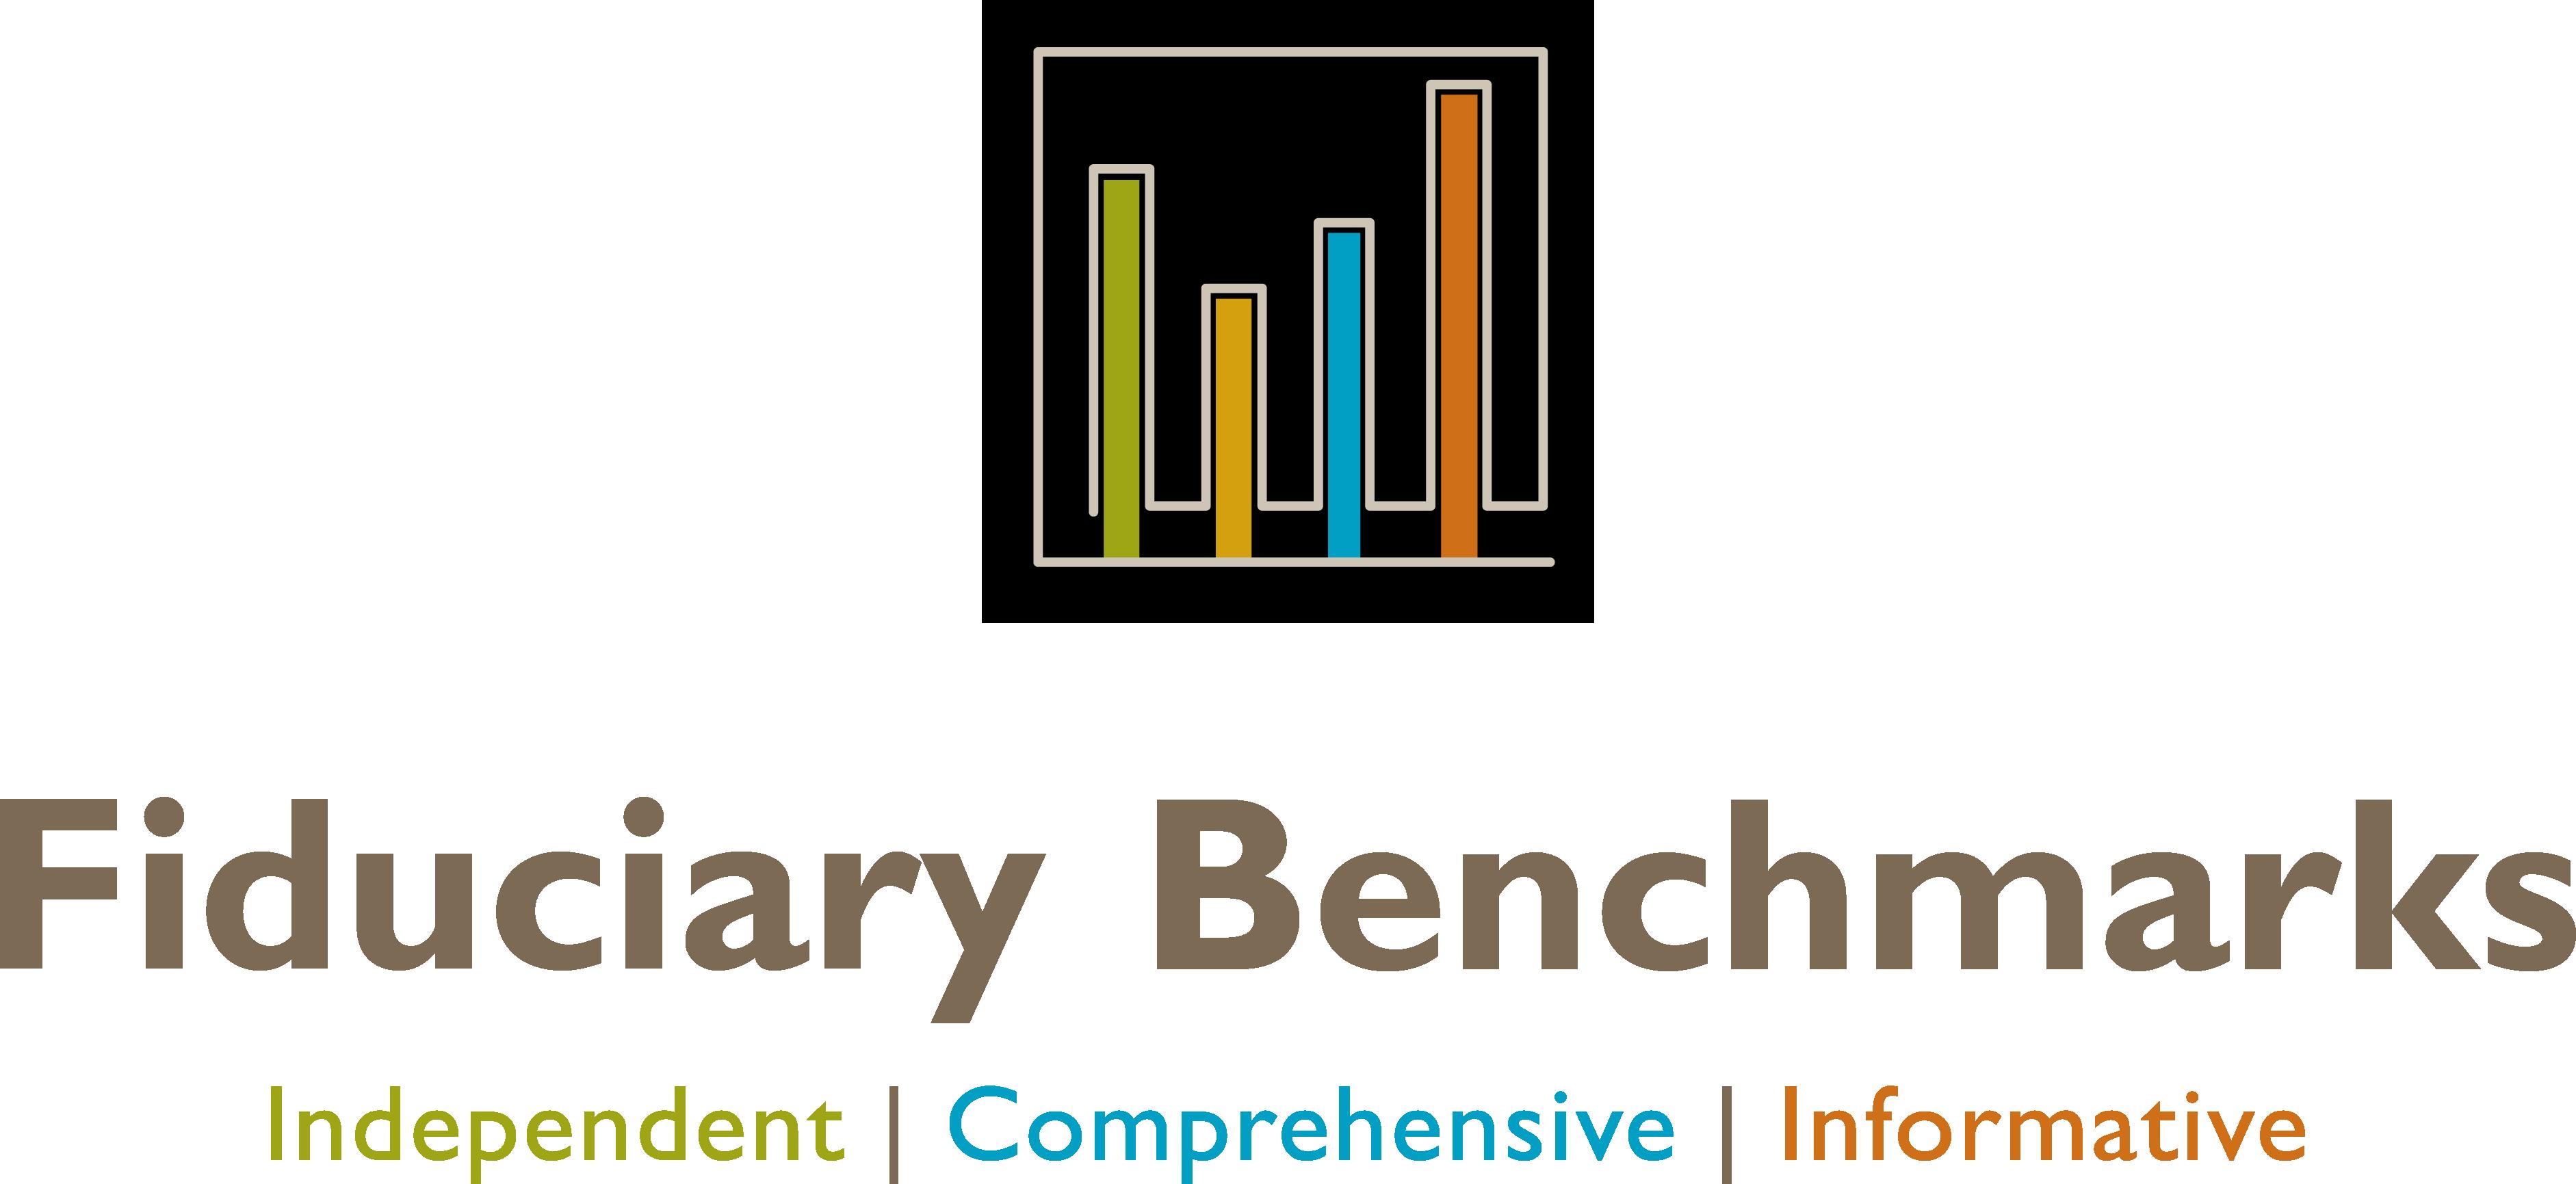 FiduciaryBenchmarks_Logo